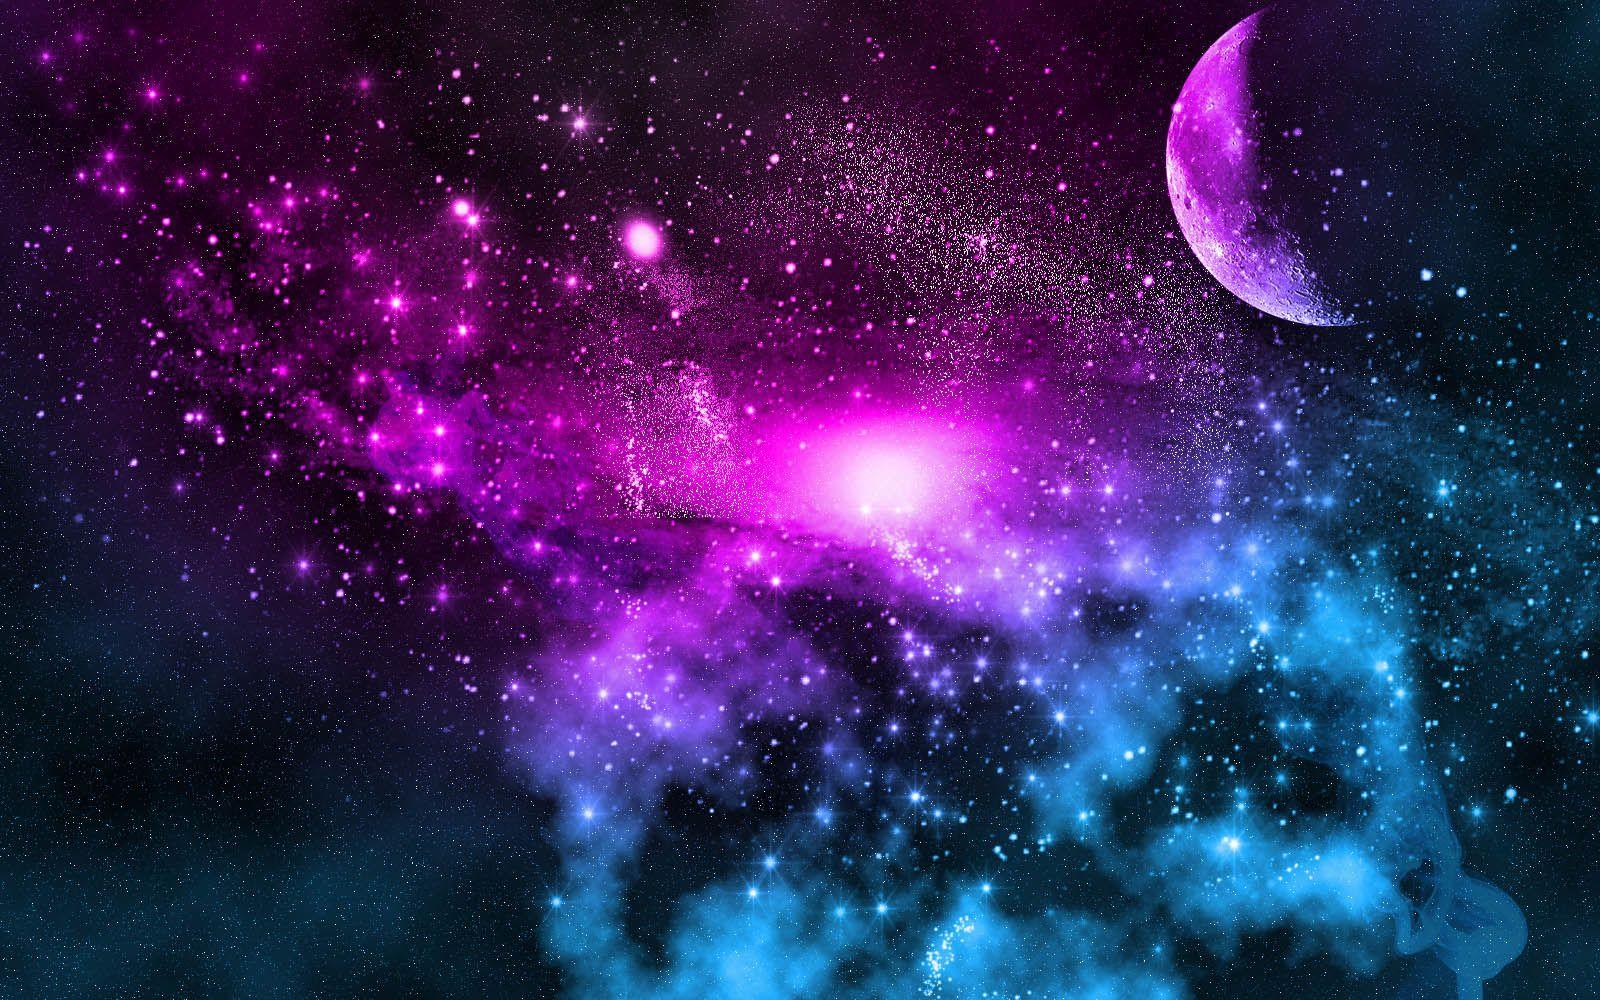 Unique Galaxy Moon Wallpaper